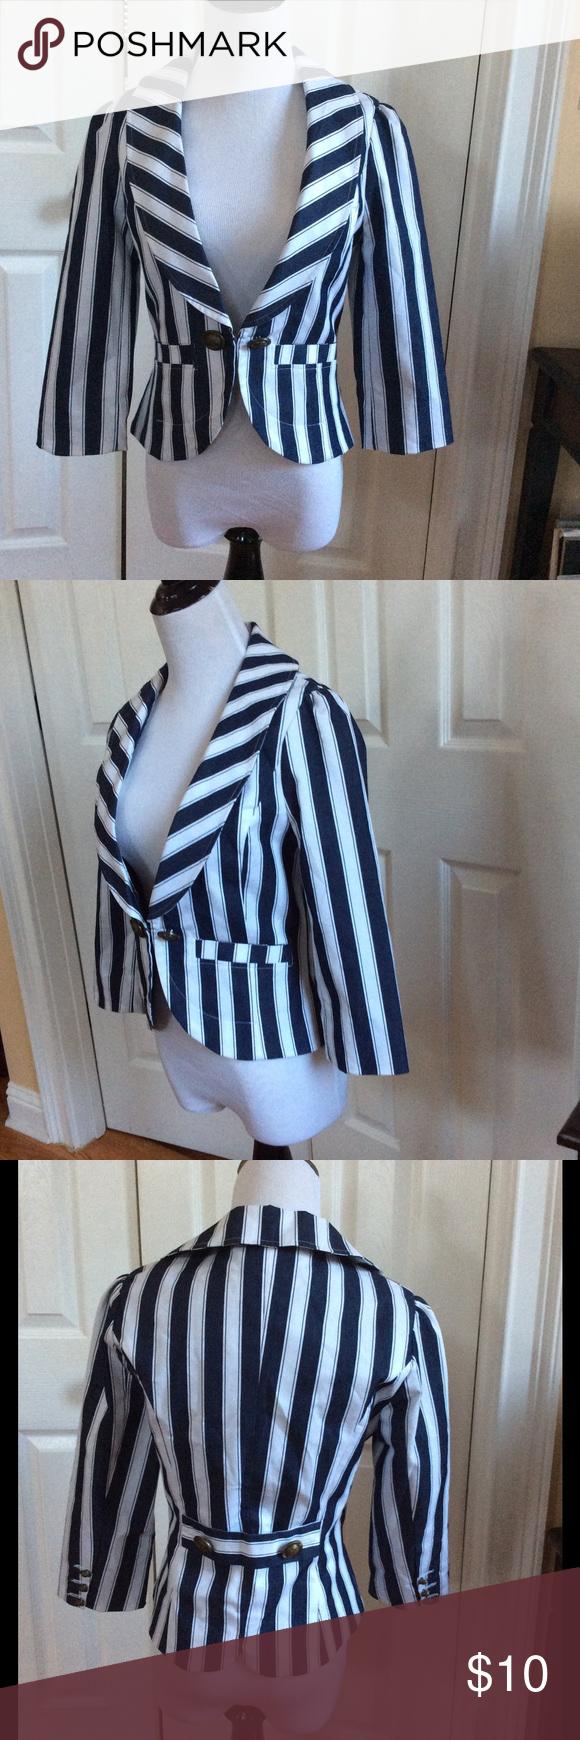 Striped Blazer Like new. Forever 21 Jackets & Coats Blazers